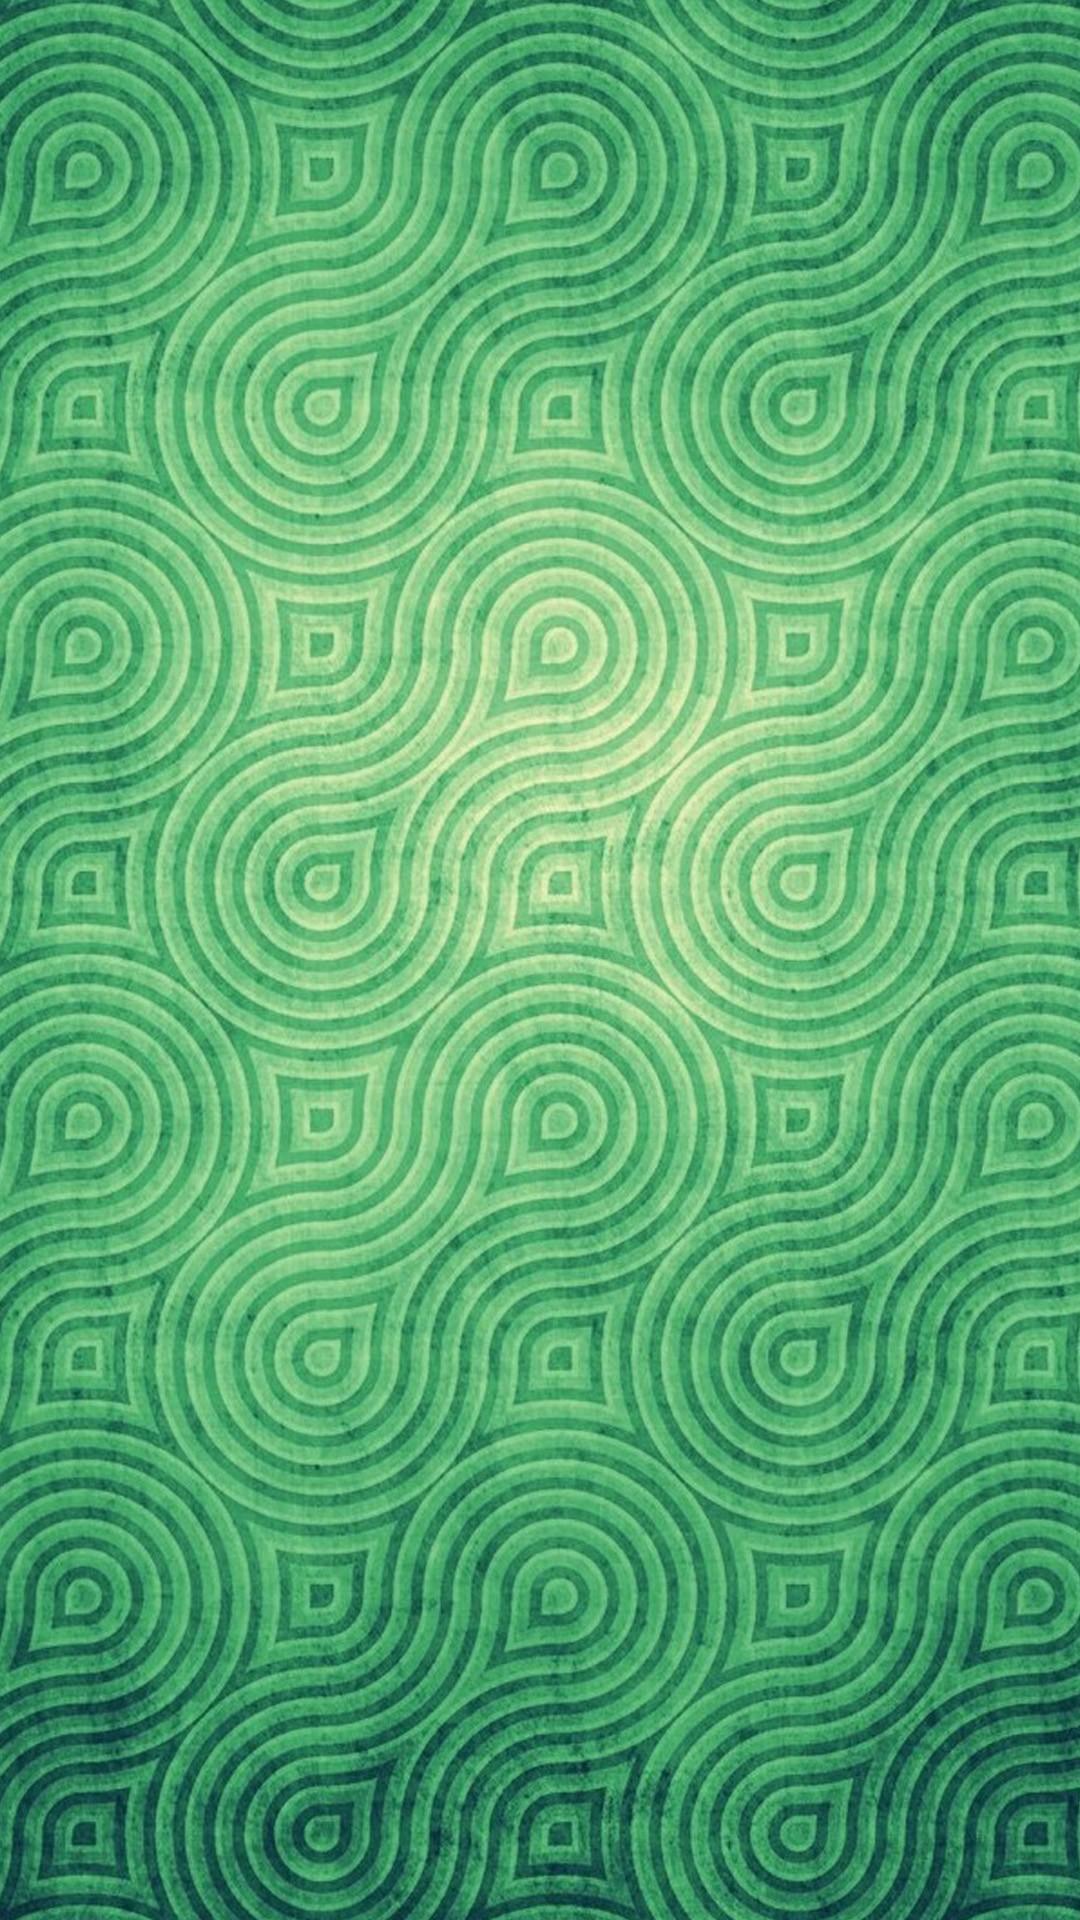 Pattern lock screen wallpaper